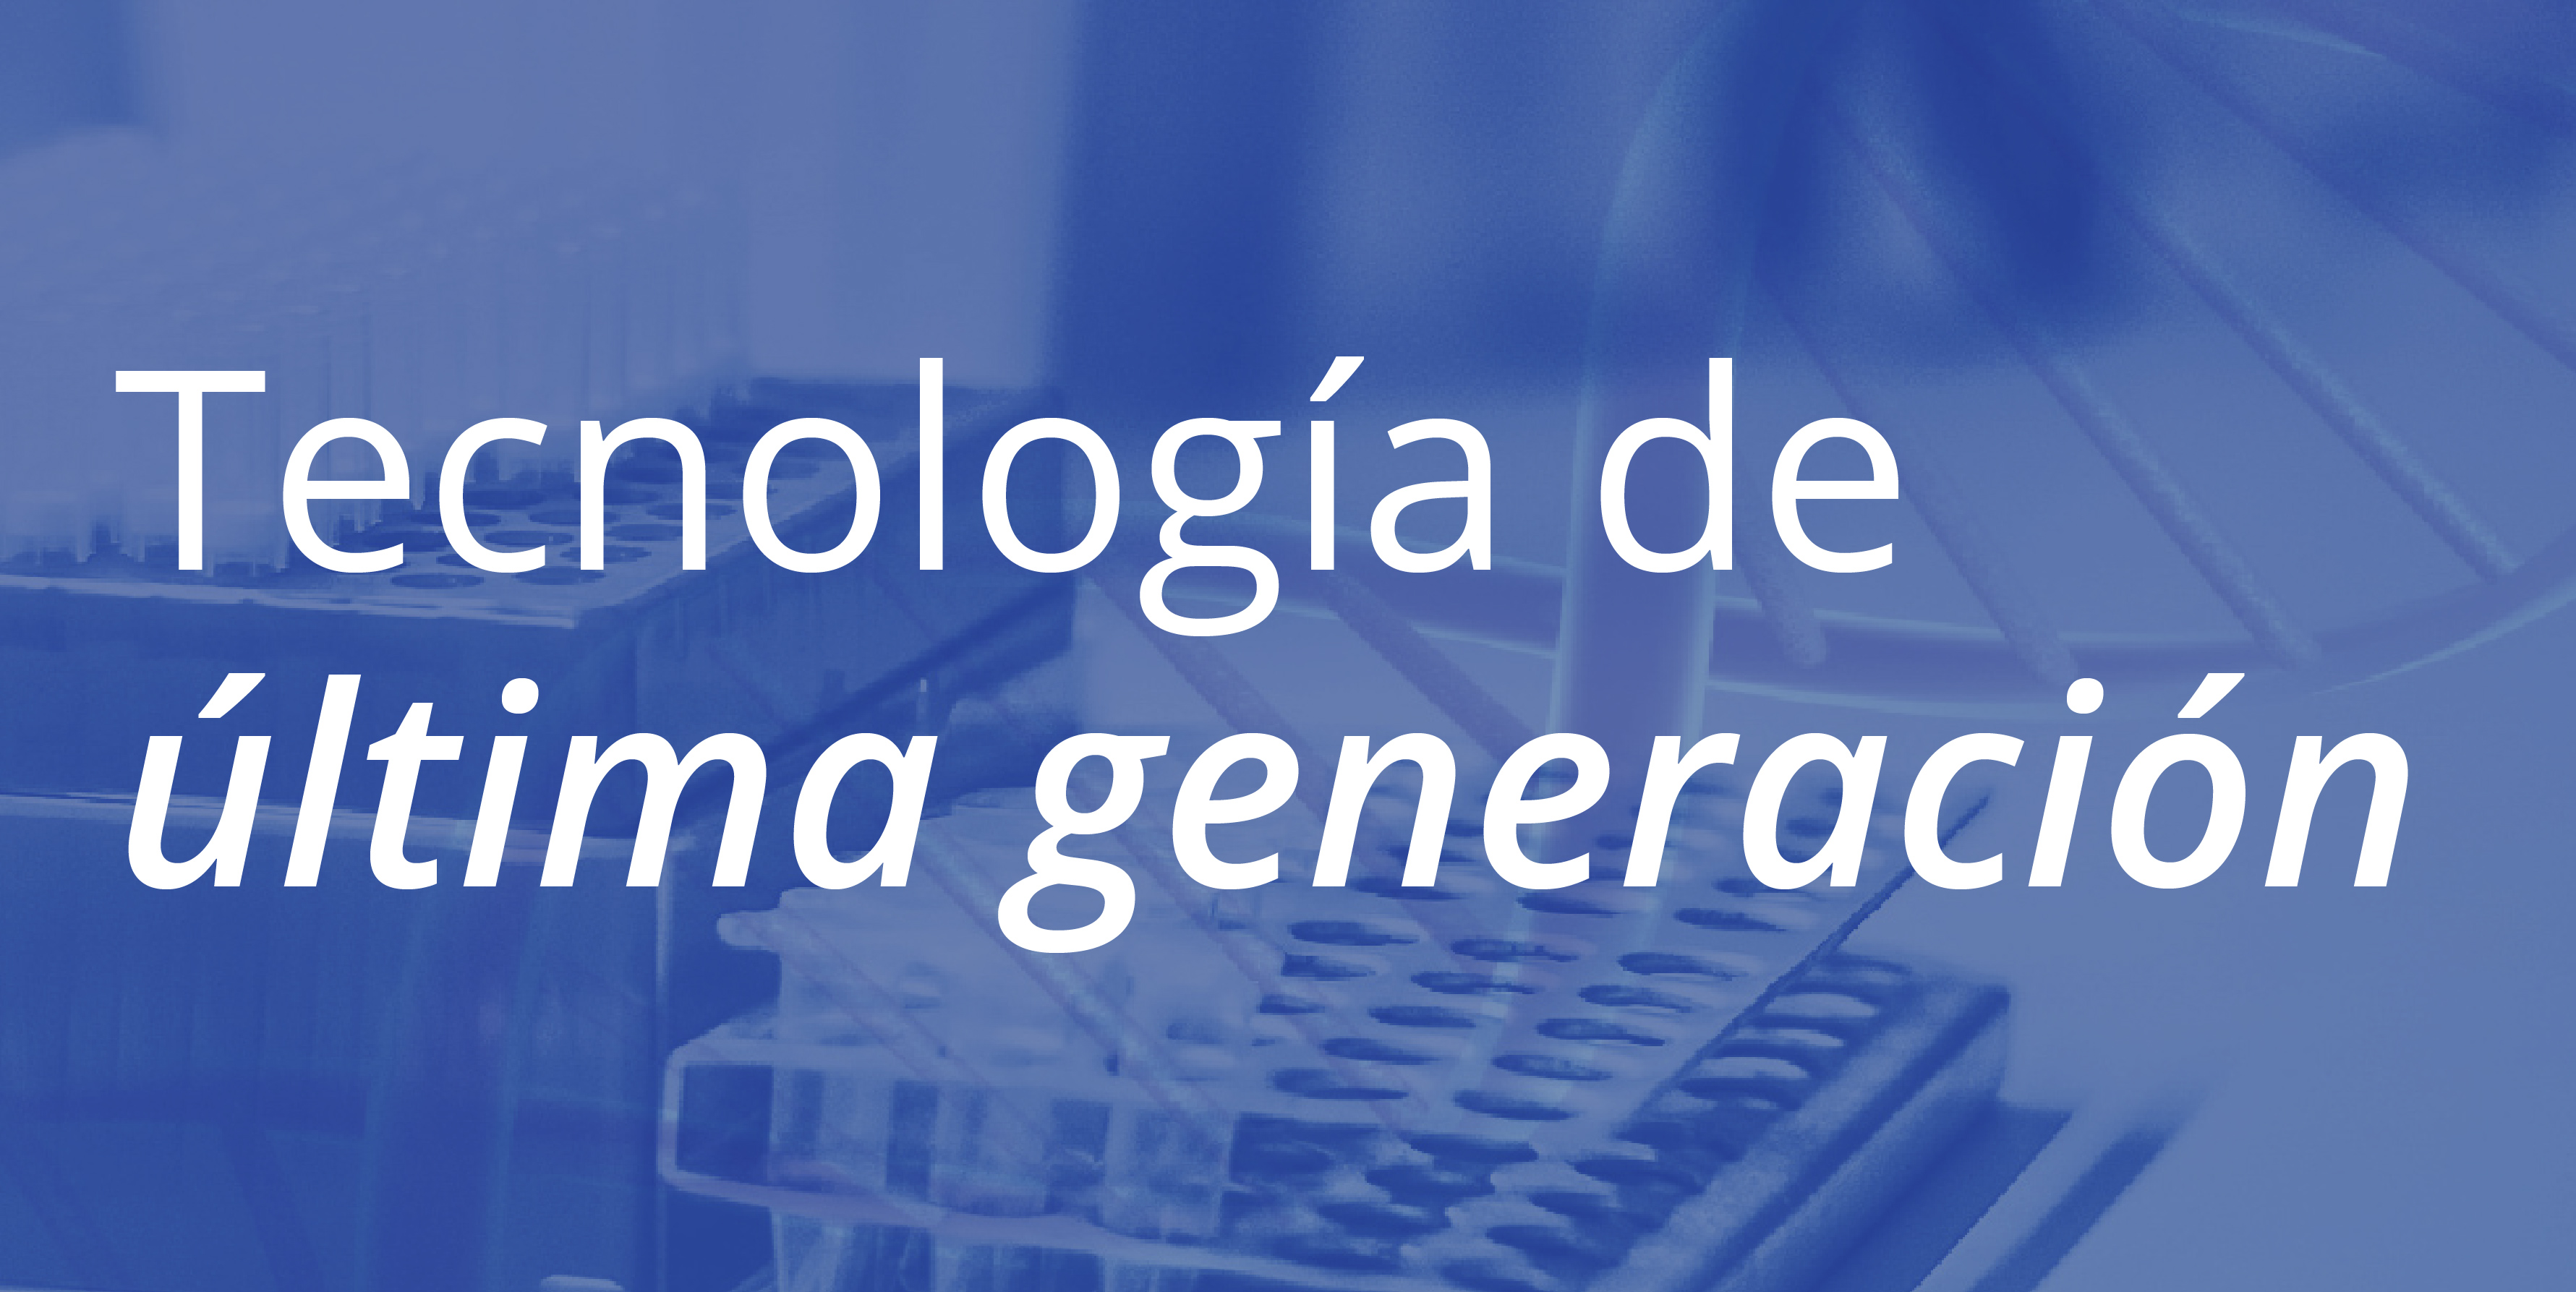 Tecnología de última generación banner